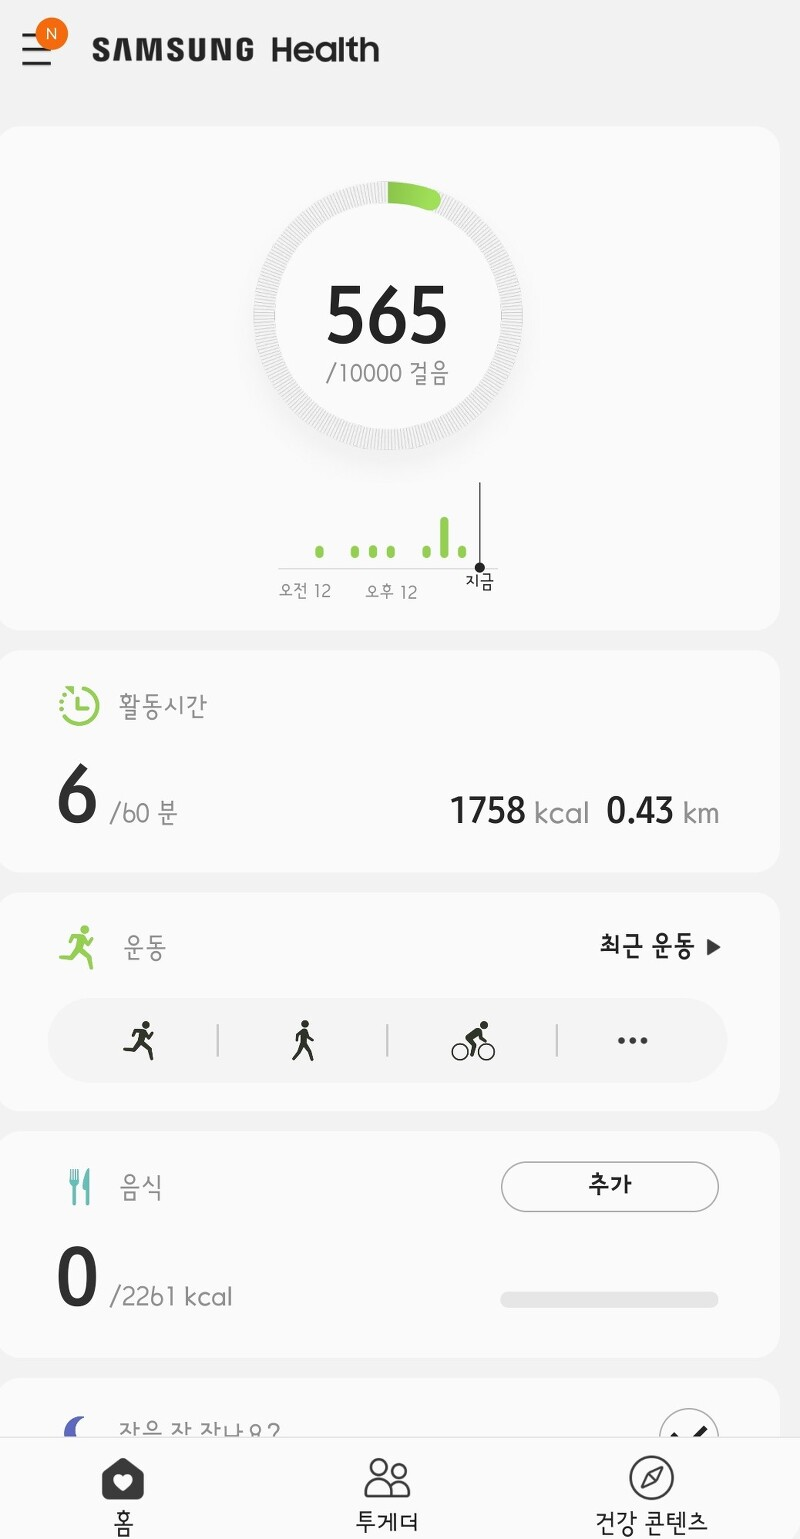 삼성 헬스(Samsung Health) 어플로 체계적인 건강 관리하기!!